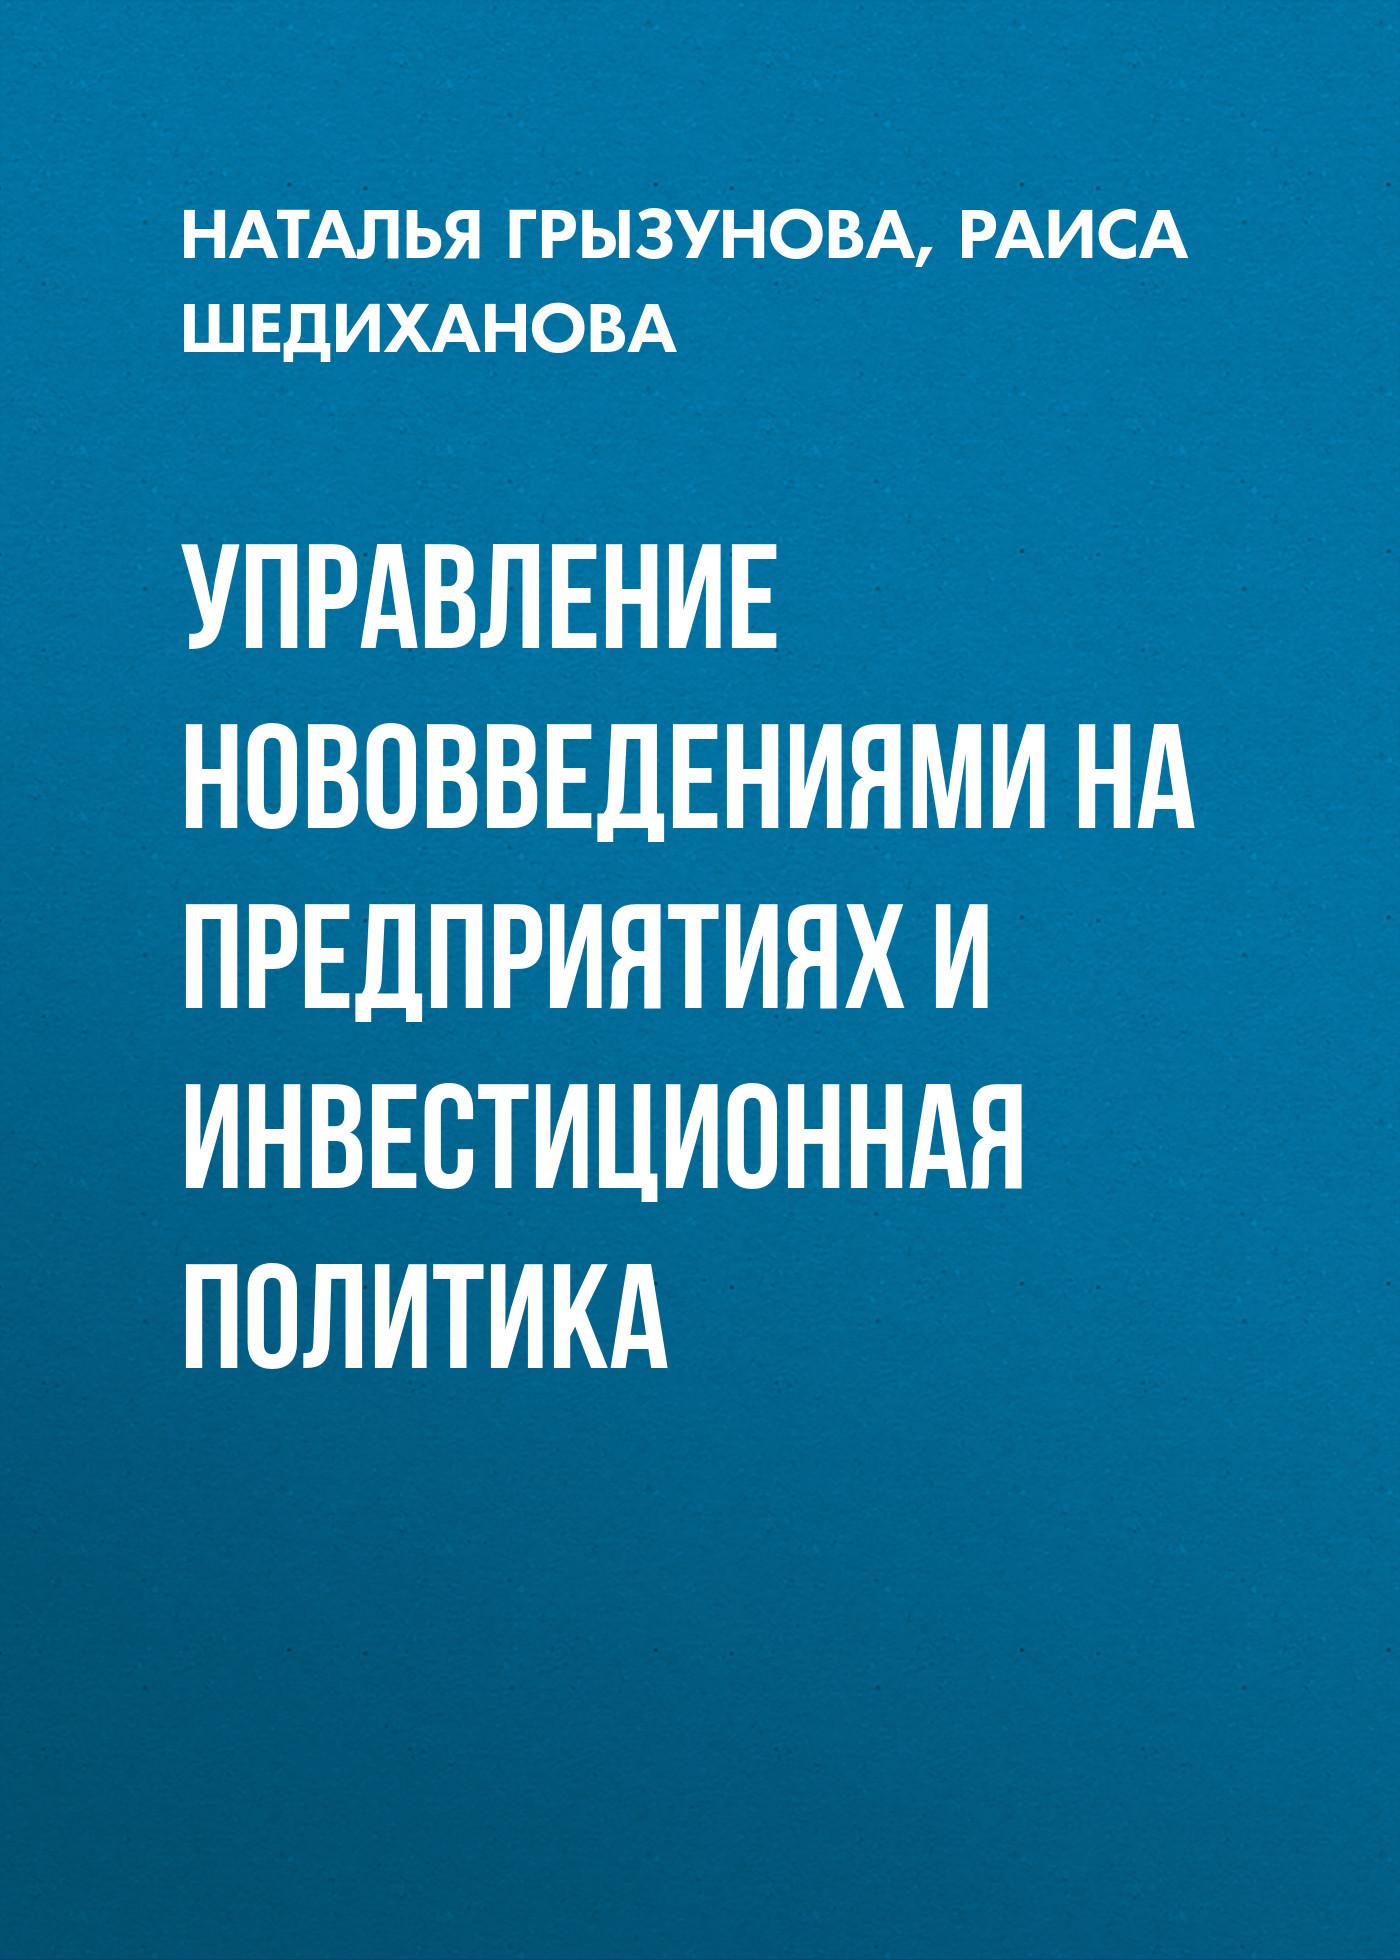 Наталья Грызунова Управление нововведениями на предприятиях и инвестиционная политика связь на промышленных предприятиях